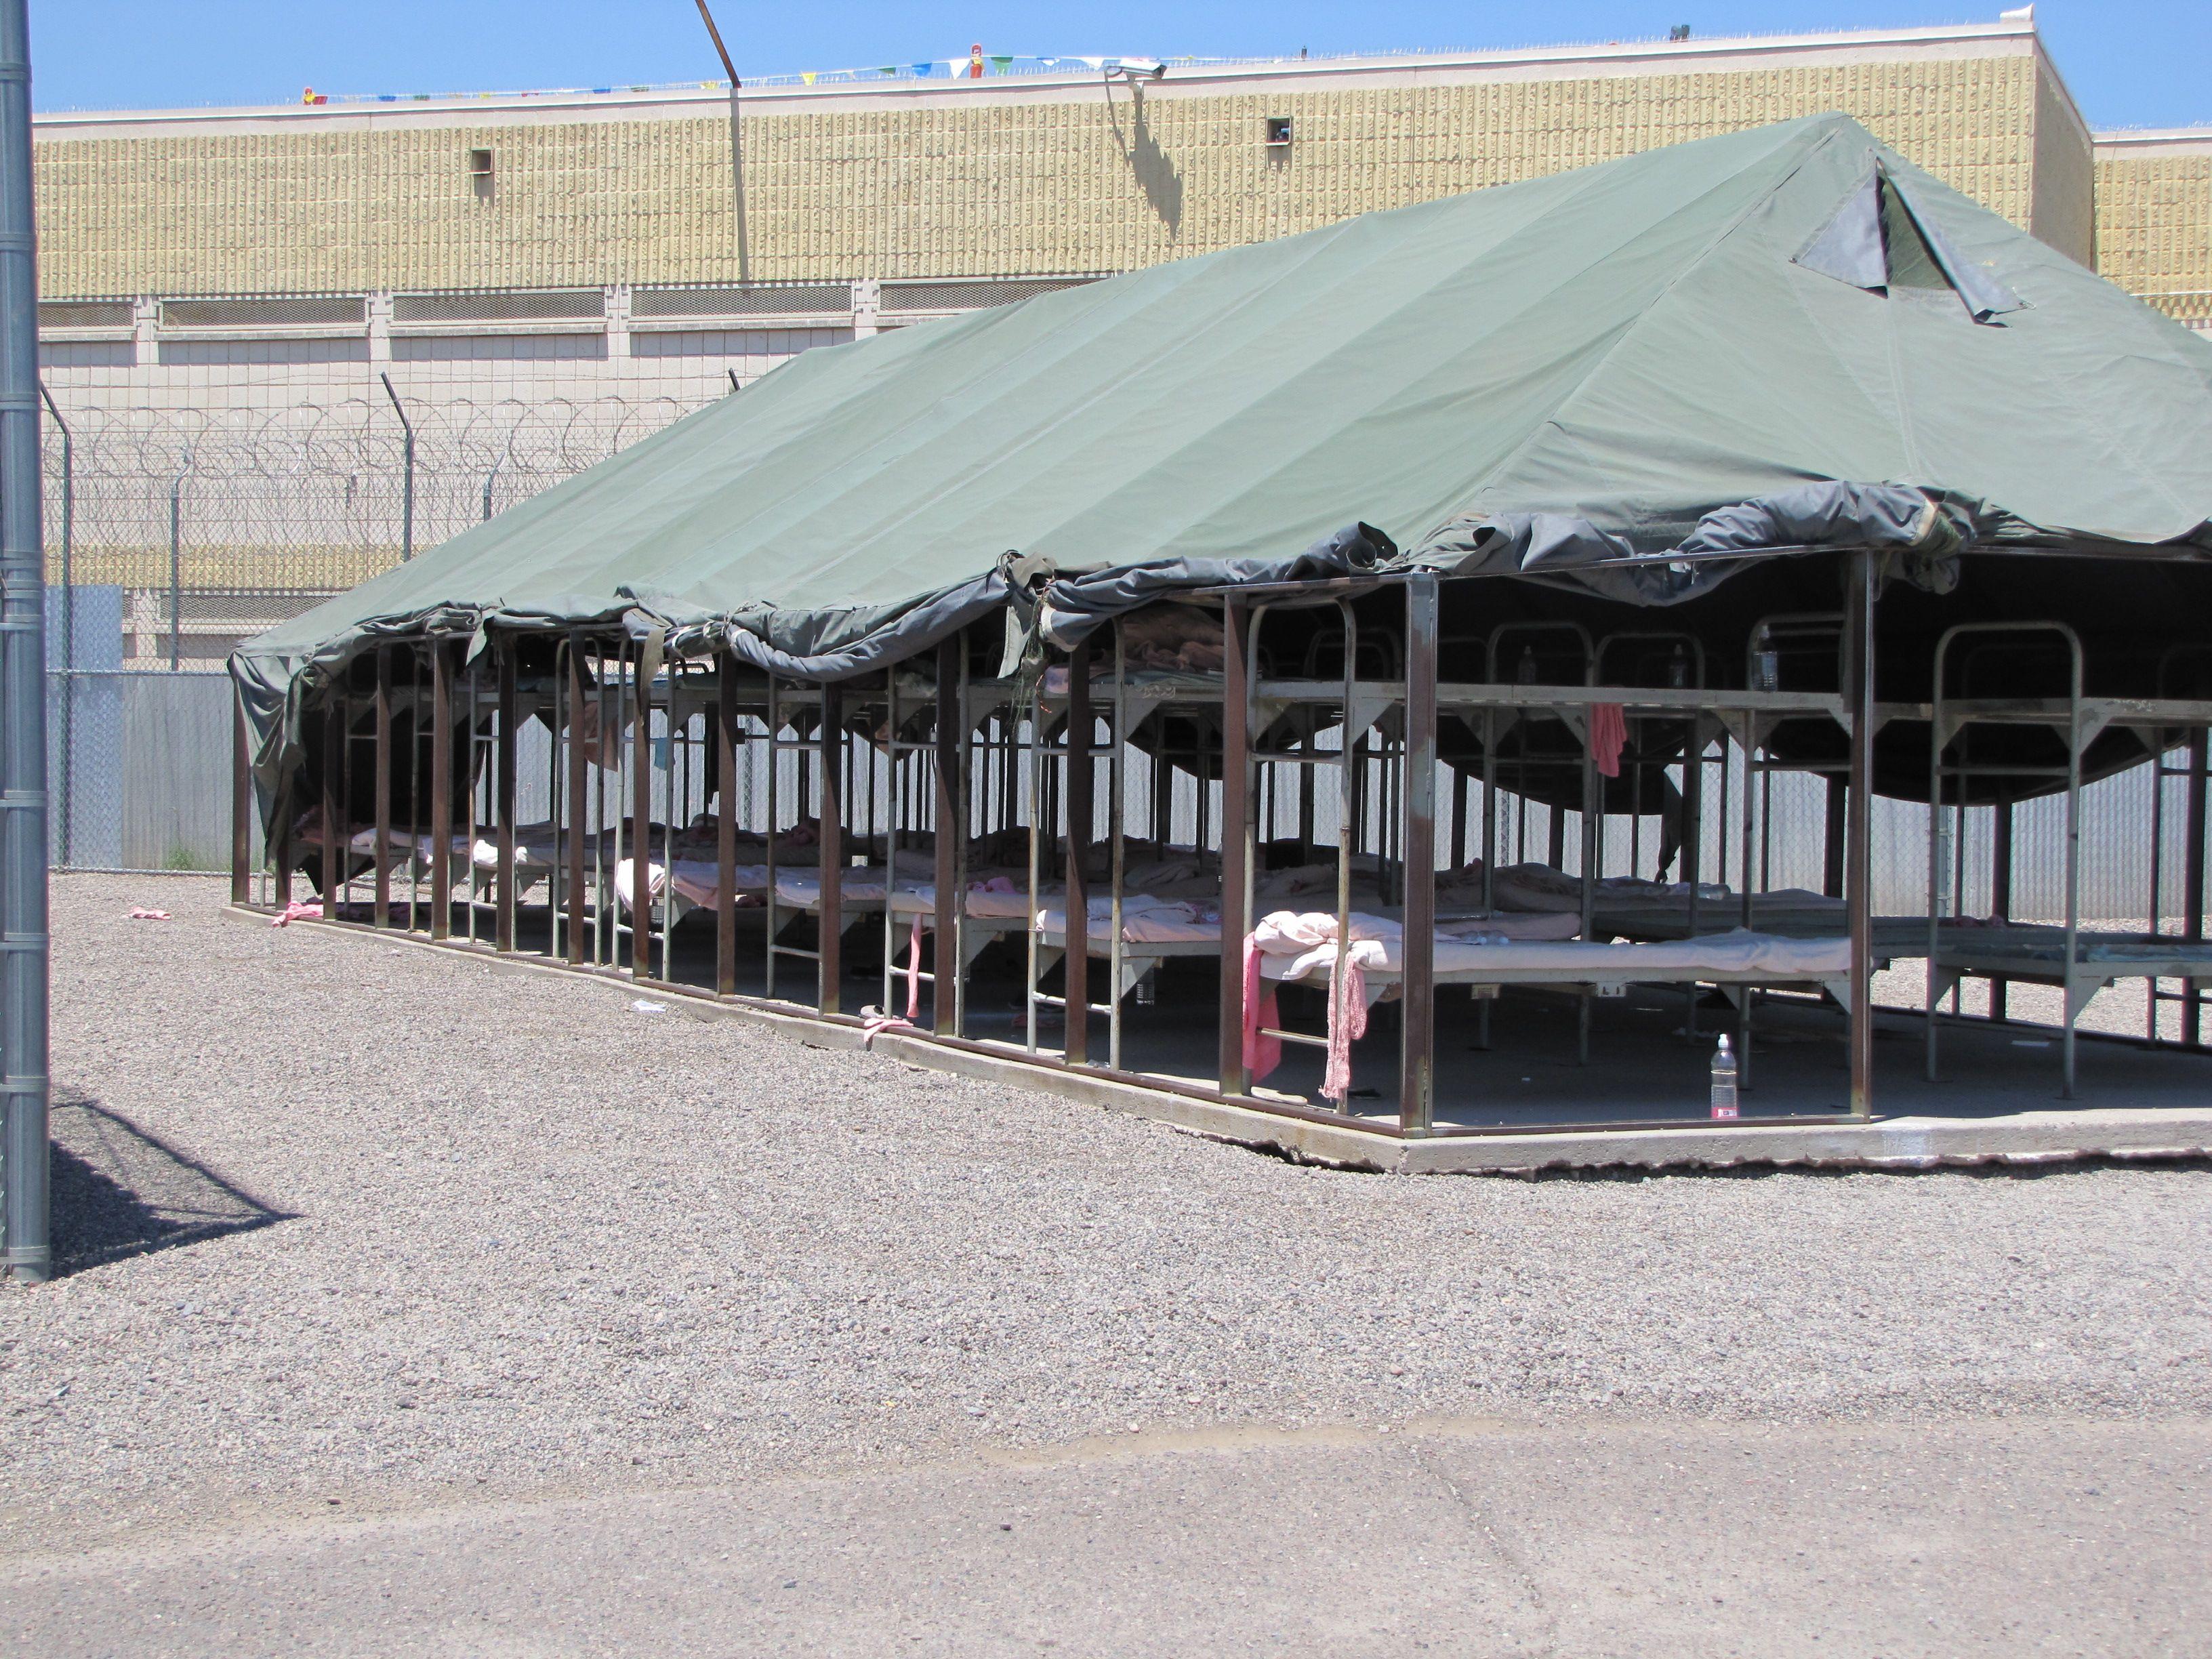 Tent City Tent